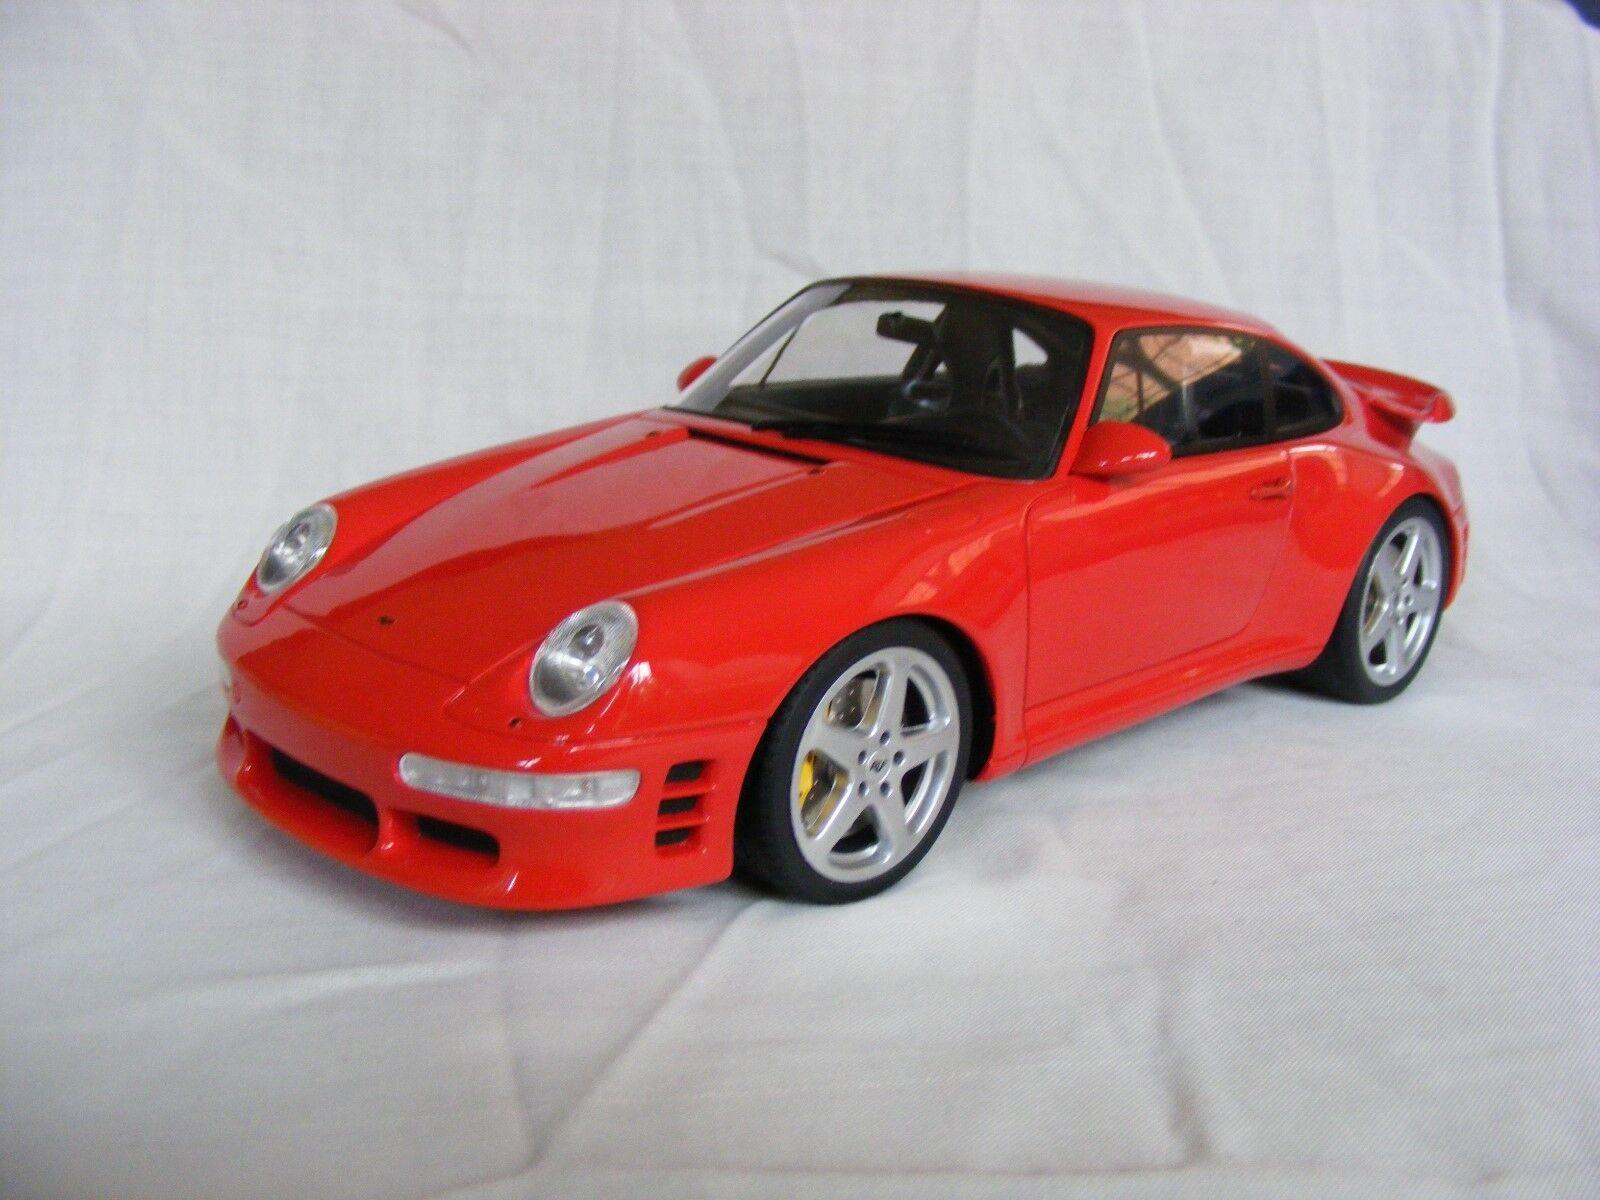 RUF PORSCHE 993 turbo - 1 18 Scale-GT Spirit